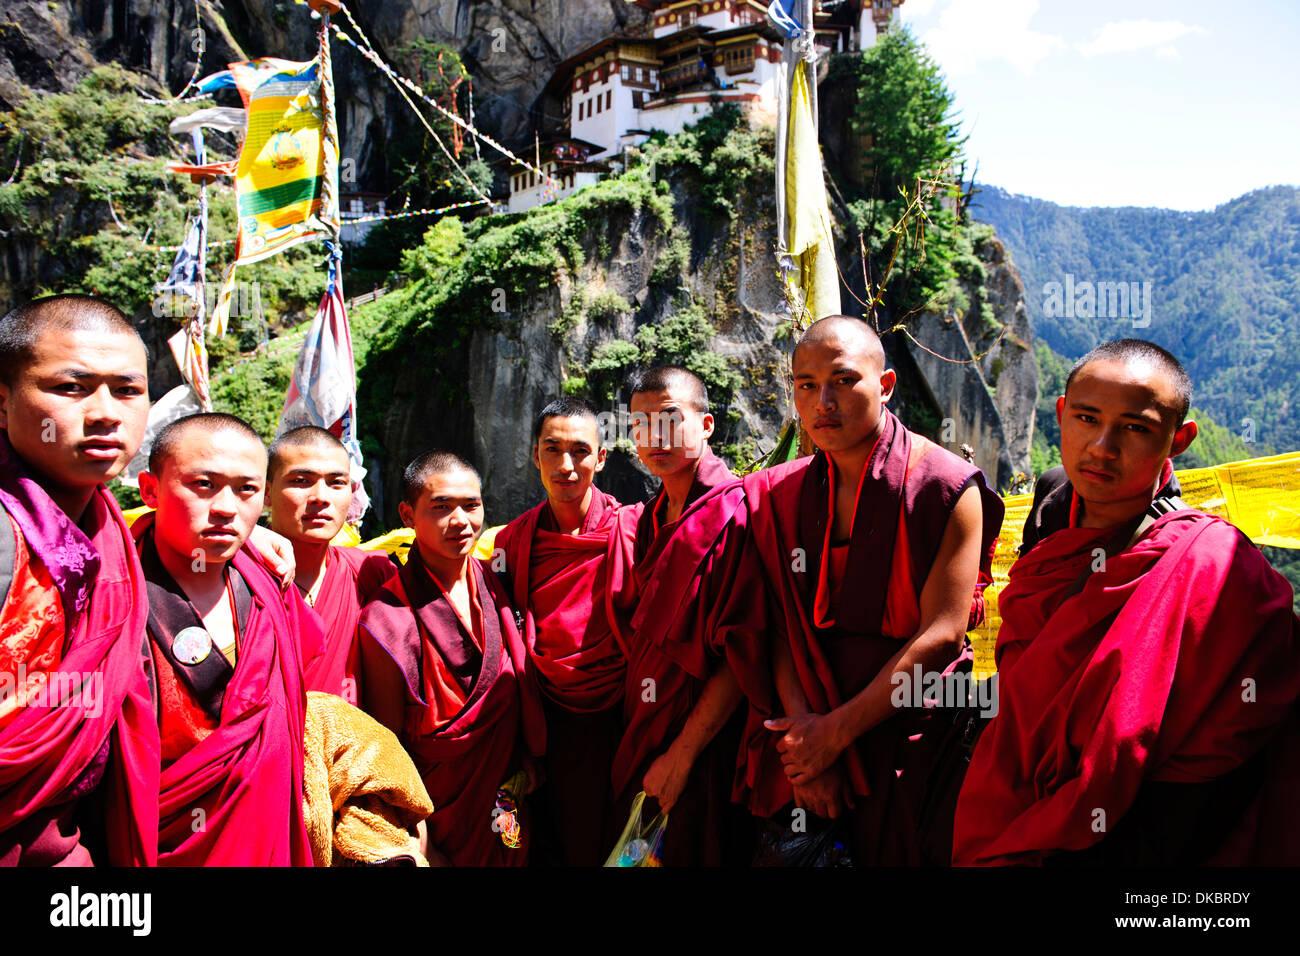 Bhutanesische Mönche Klettern auf dem Tiger's Nest, 10.180 Fuß hoch, Cliffhanger, buddhistische Pilgerfahrt, sehr heiligen heiligen Ort, paro Bhutan Stockfoto